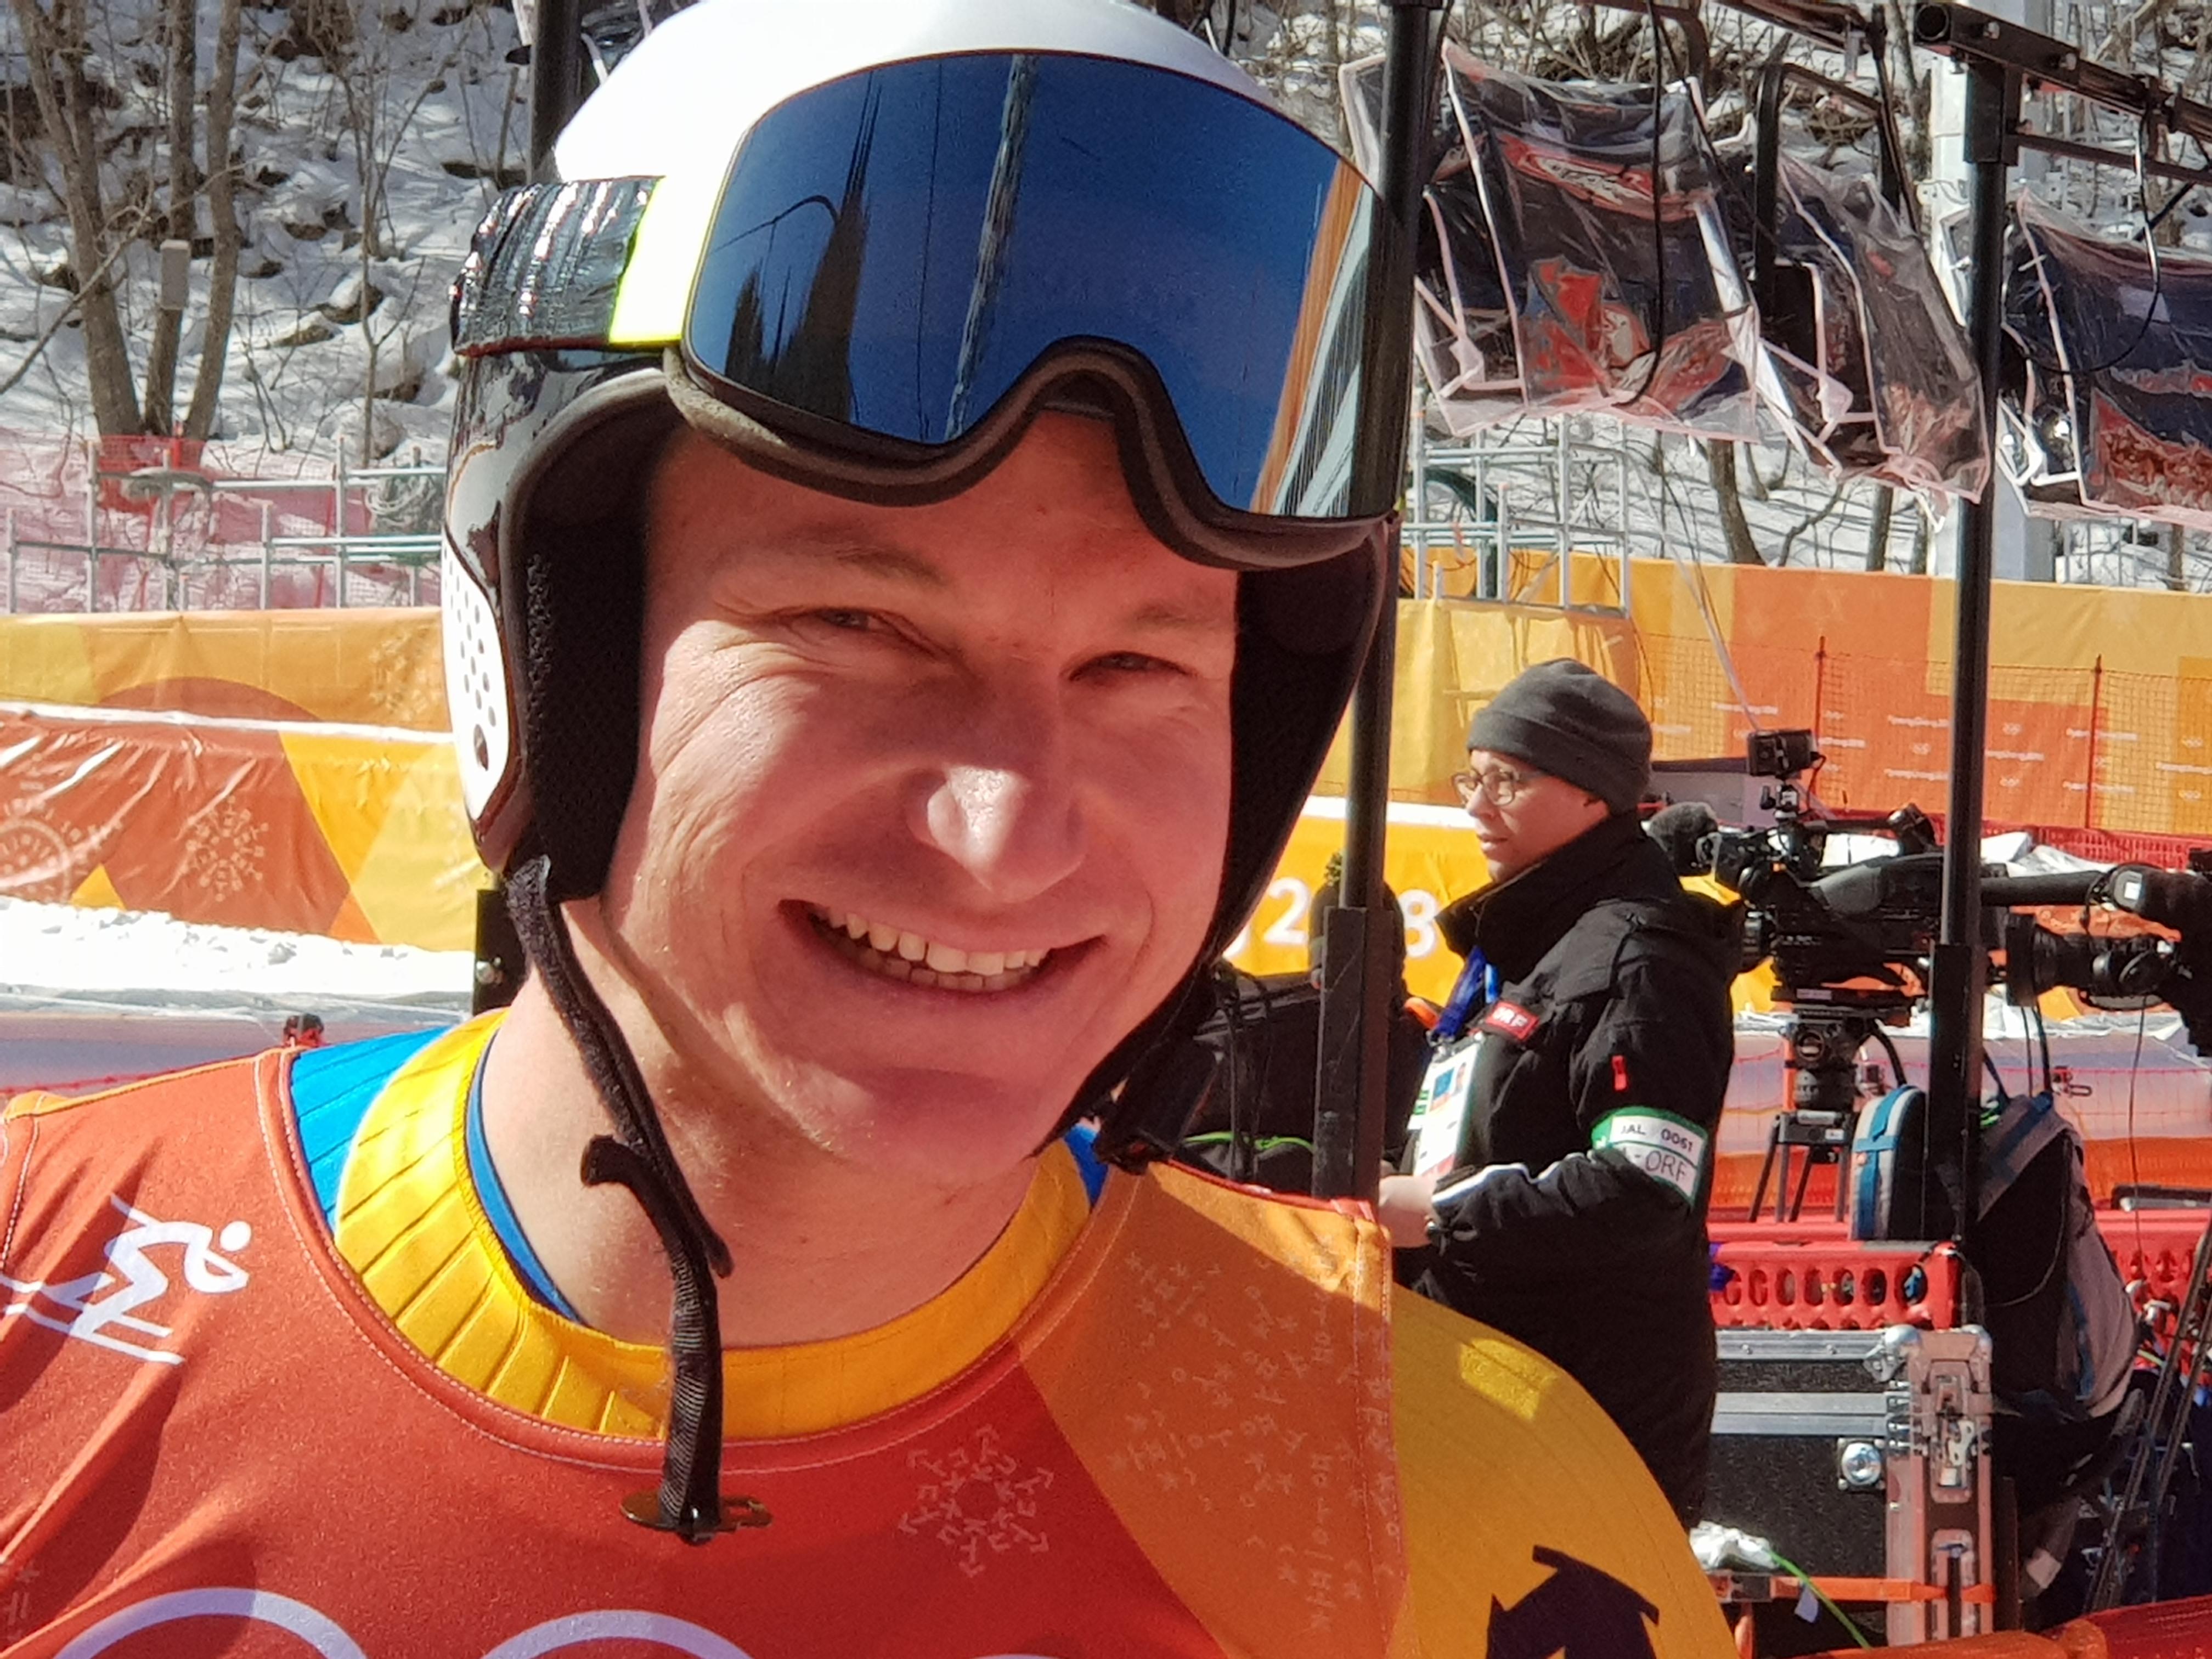 Heorl s-a remarcat la coborîre, dar la slalom nu a luat startul